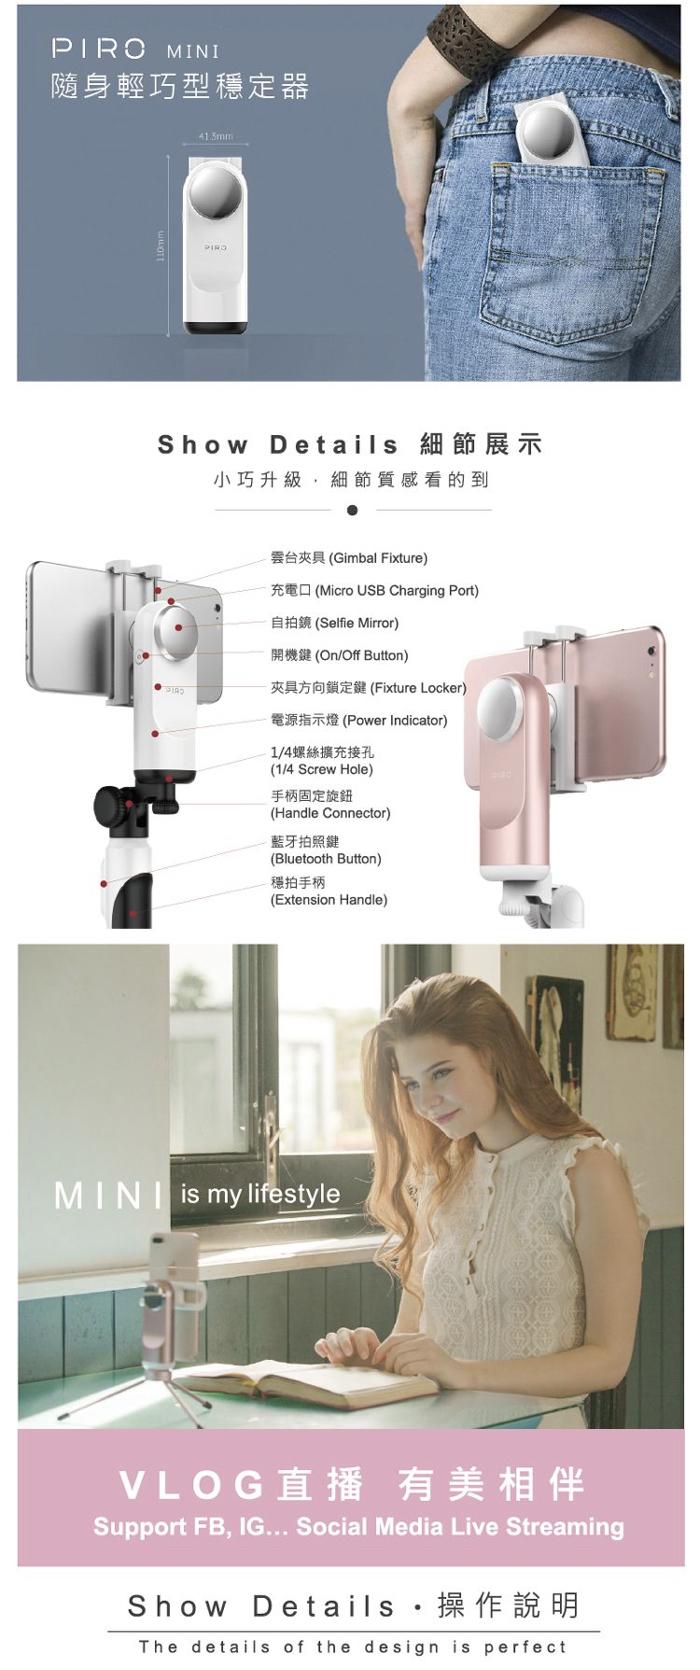 03 Luxy Star 台灣 Piro Mini 超袖珍拍攝穩定器 Searching C hk Hong Kong 香港